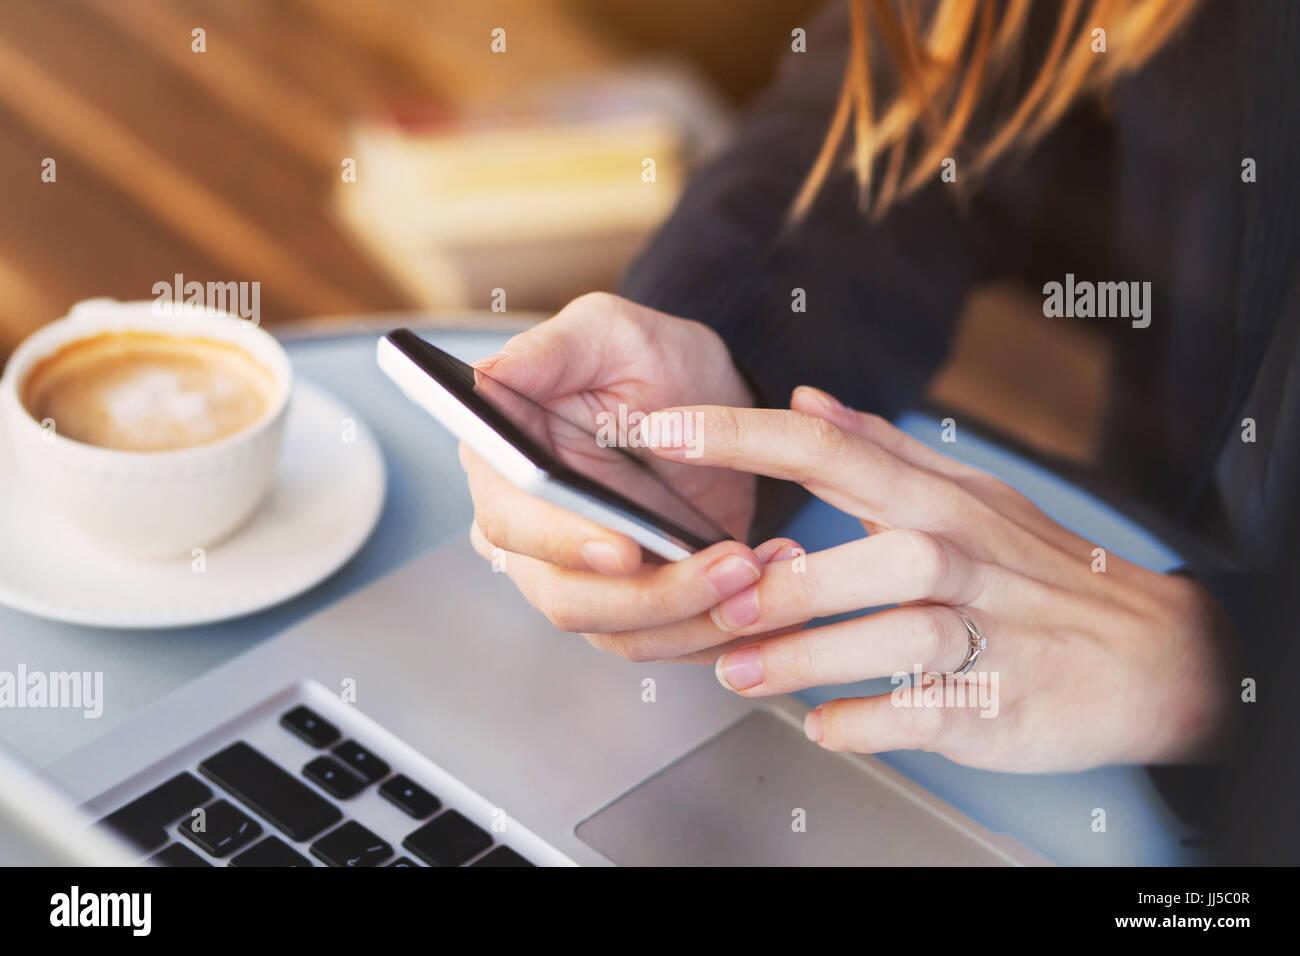 Nahaufnahme von Händen mit mobilen Anwendung auf Smartphone, Frau e-Mails auf ihrem Smartphone im café Stockbild